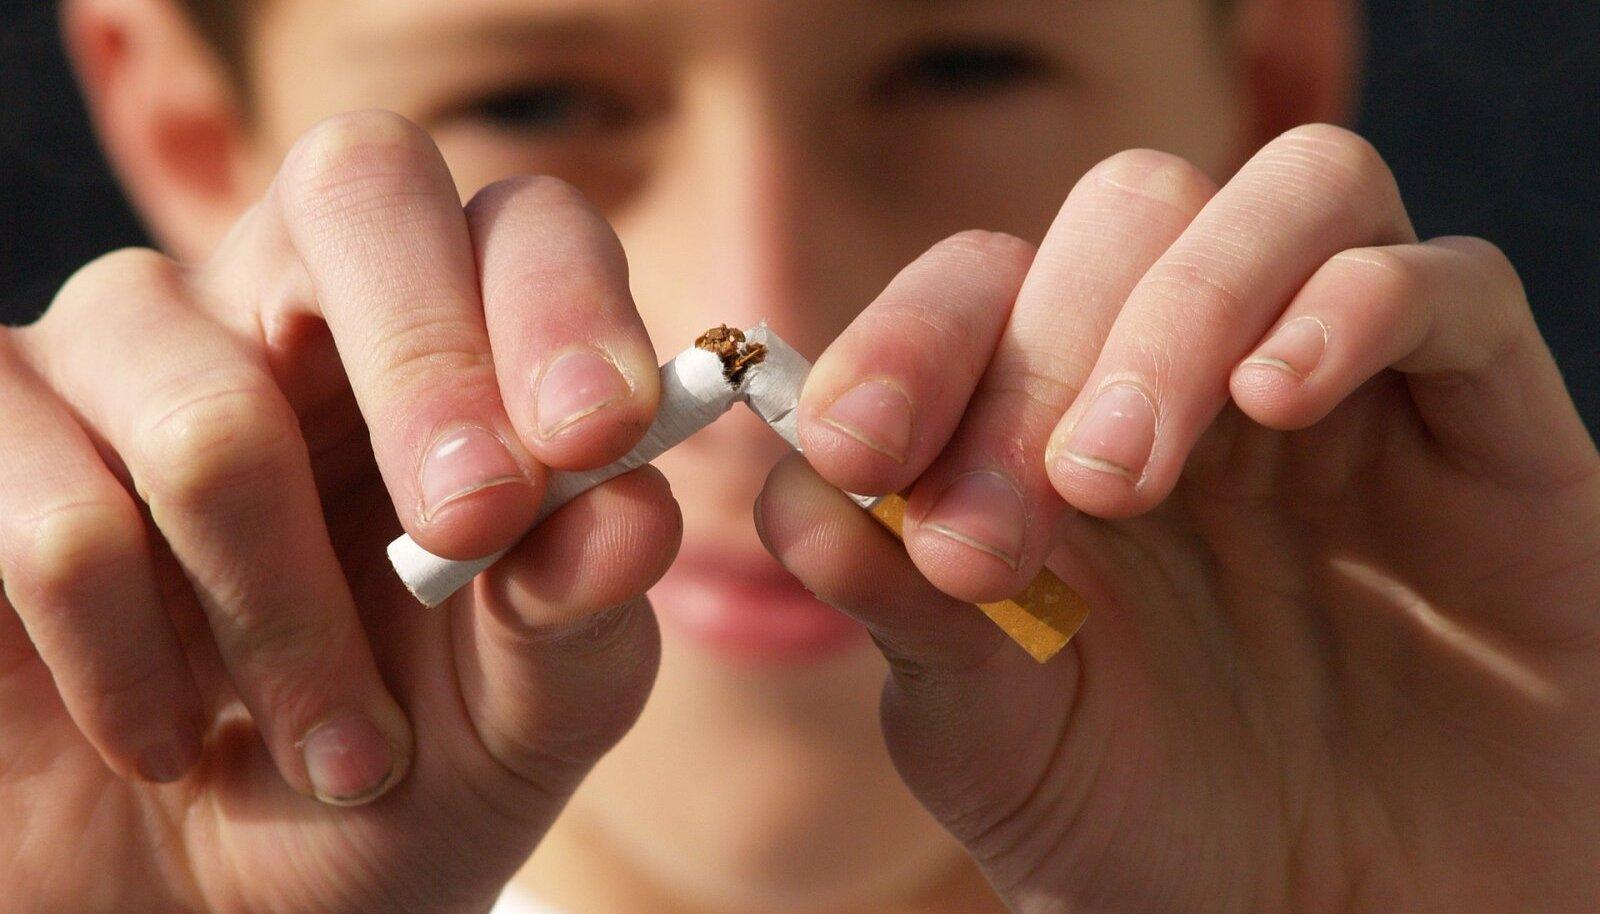 Tänapäevane tubakaepideemia põhineb tehases valmistatud sigarettidel – kaubanduslikult edukal tootel, mis ei ole 75 aastaga peaaegu üldse muutunud.